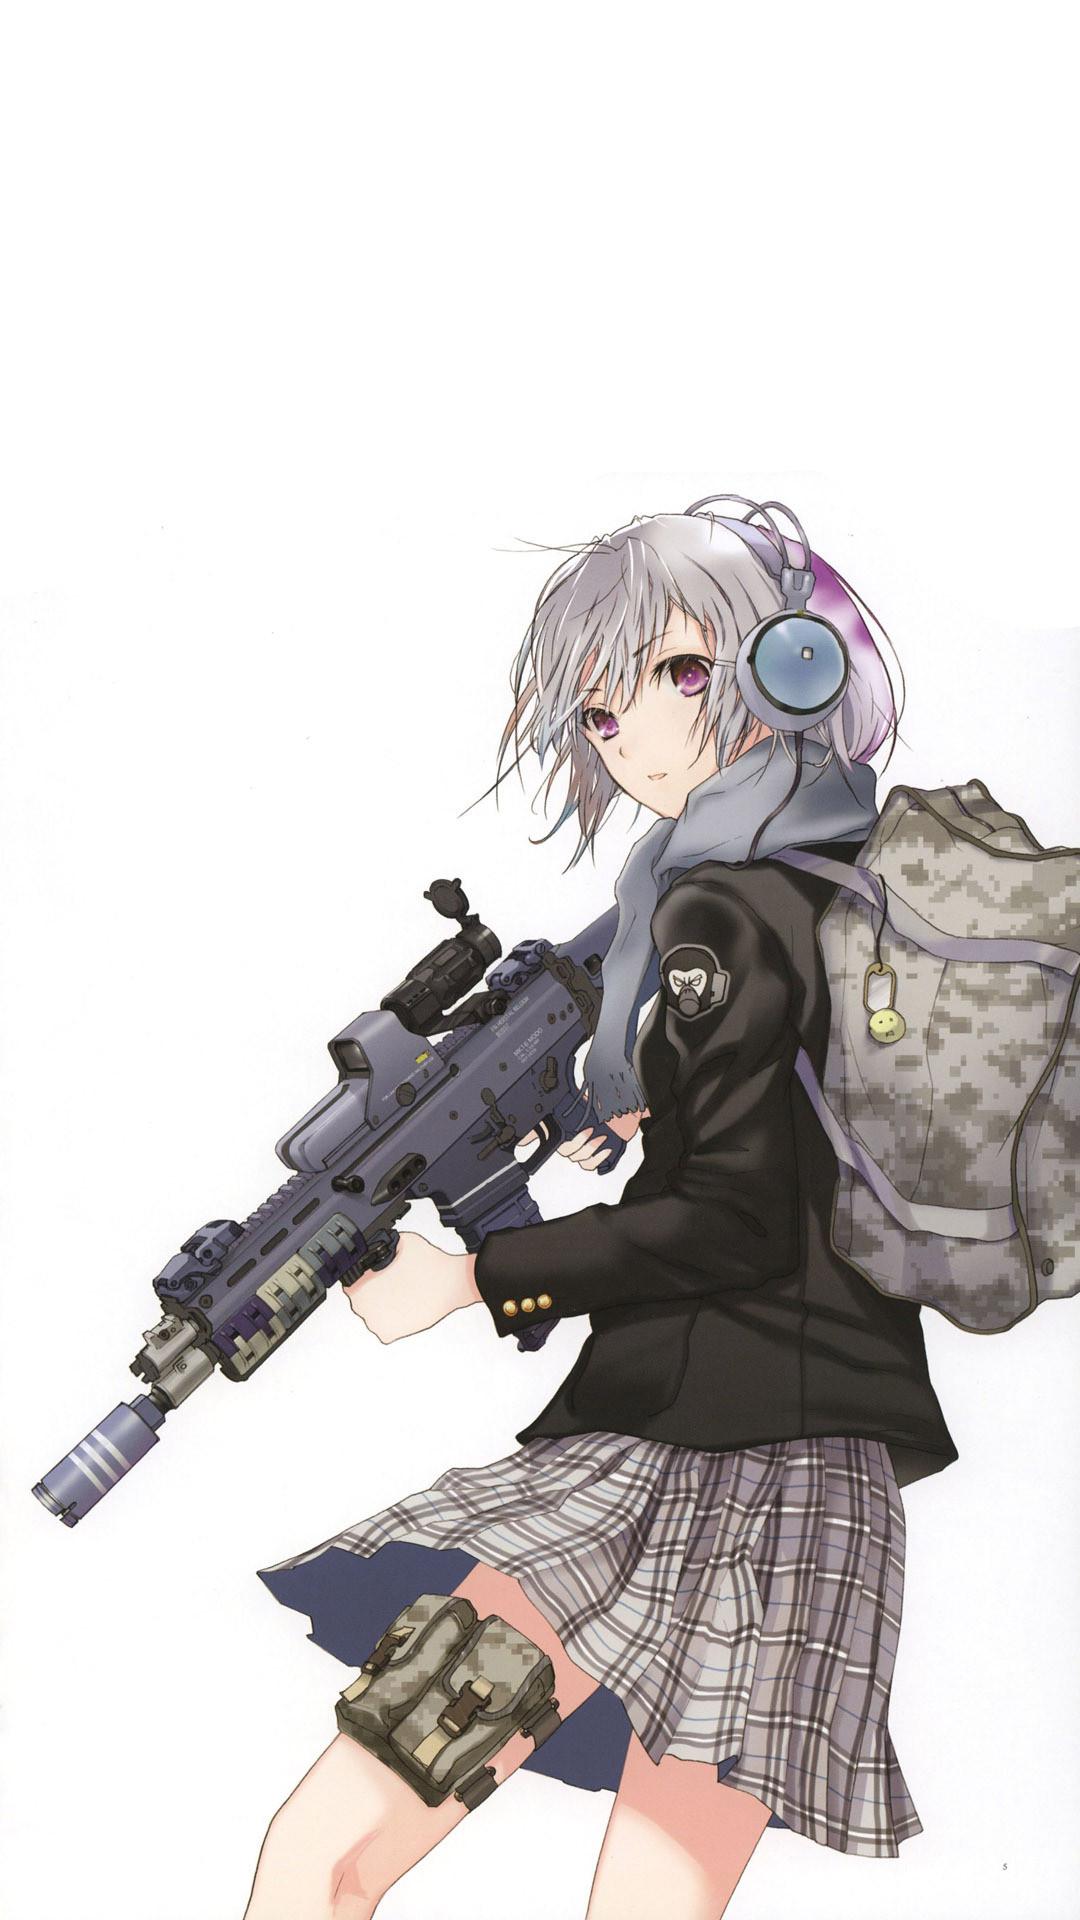 … Sniper schoolgirl Anime mobile wallpaper